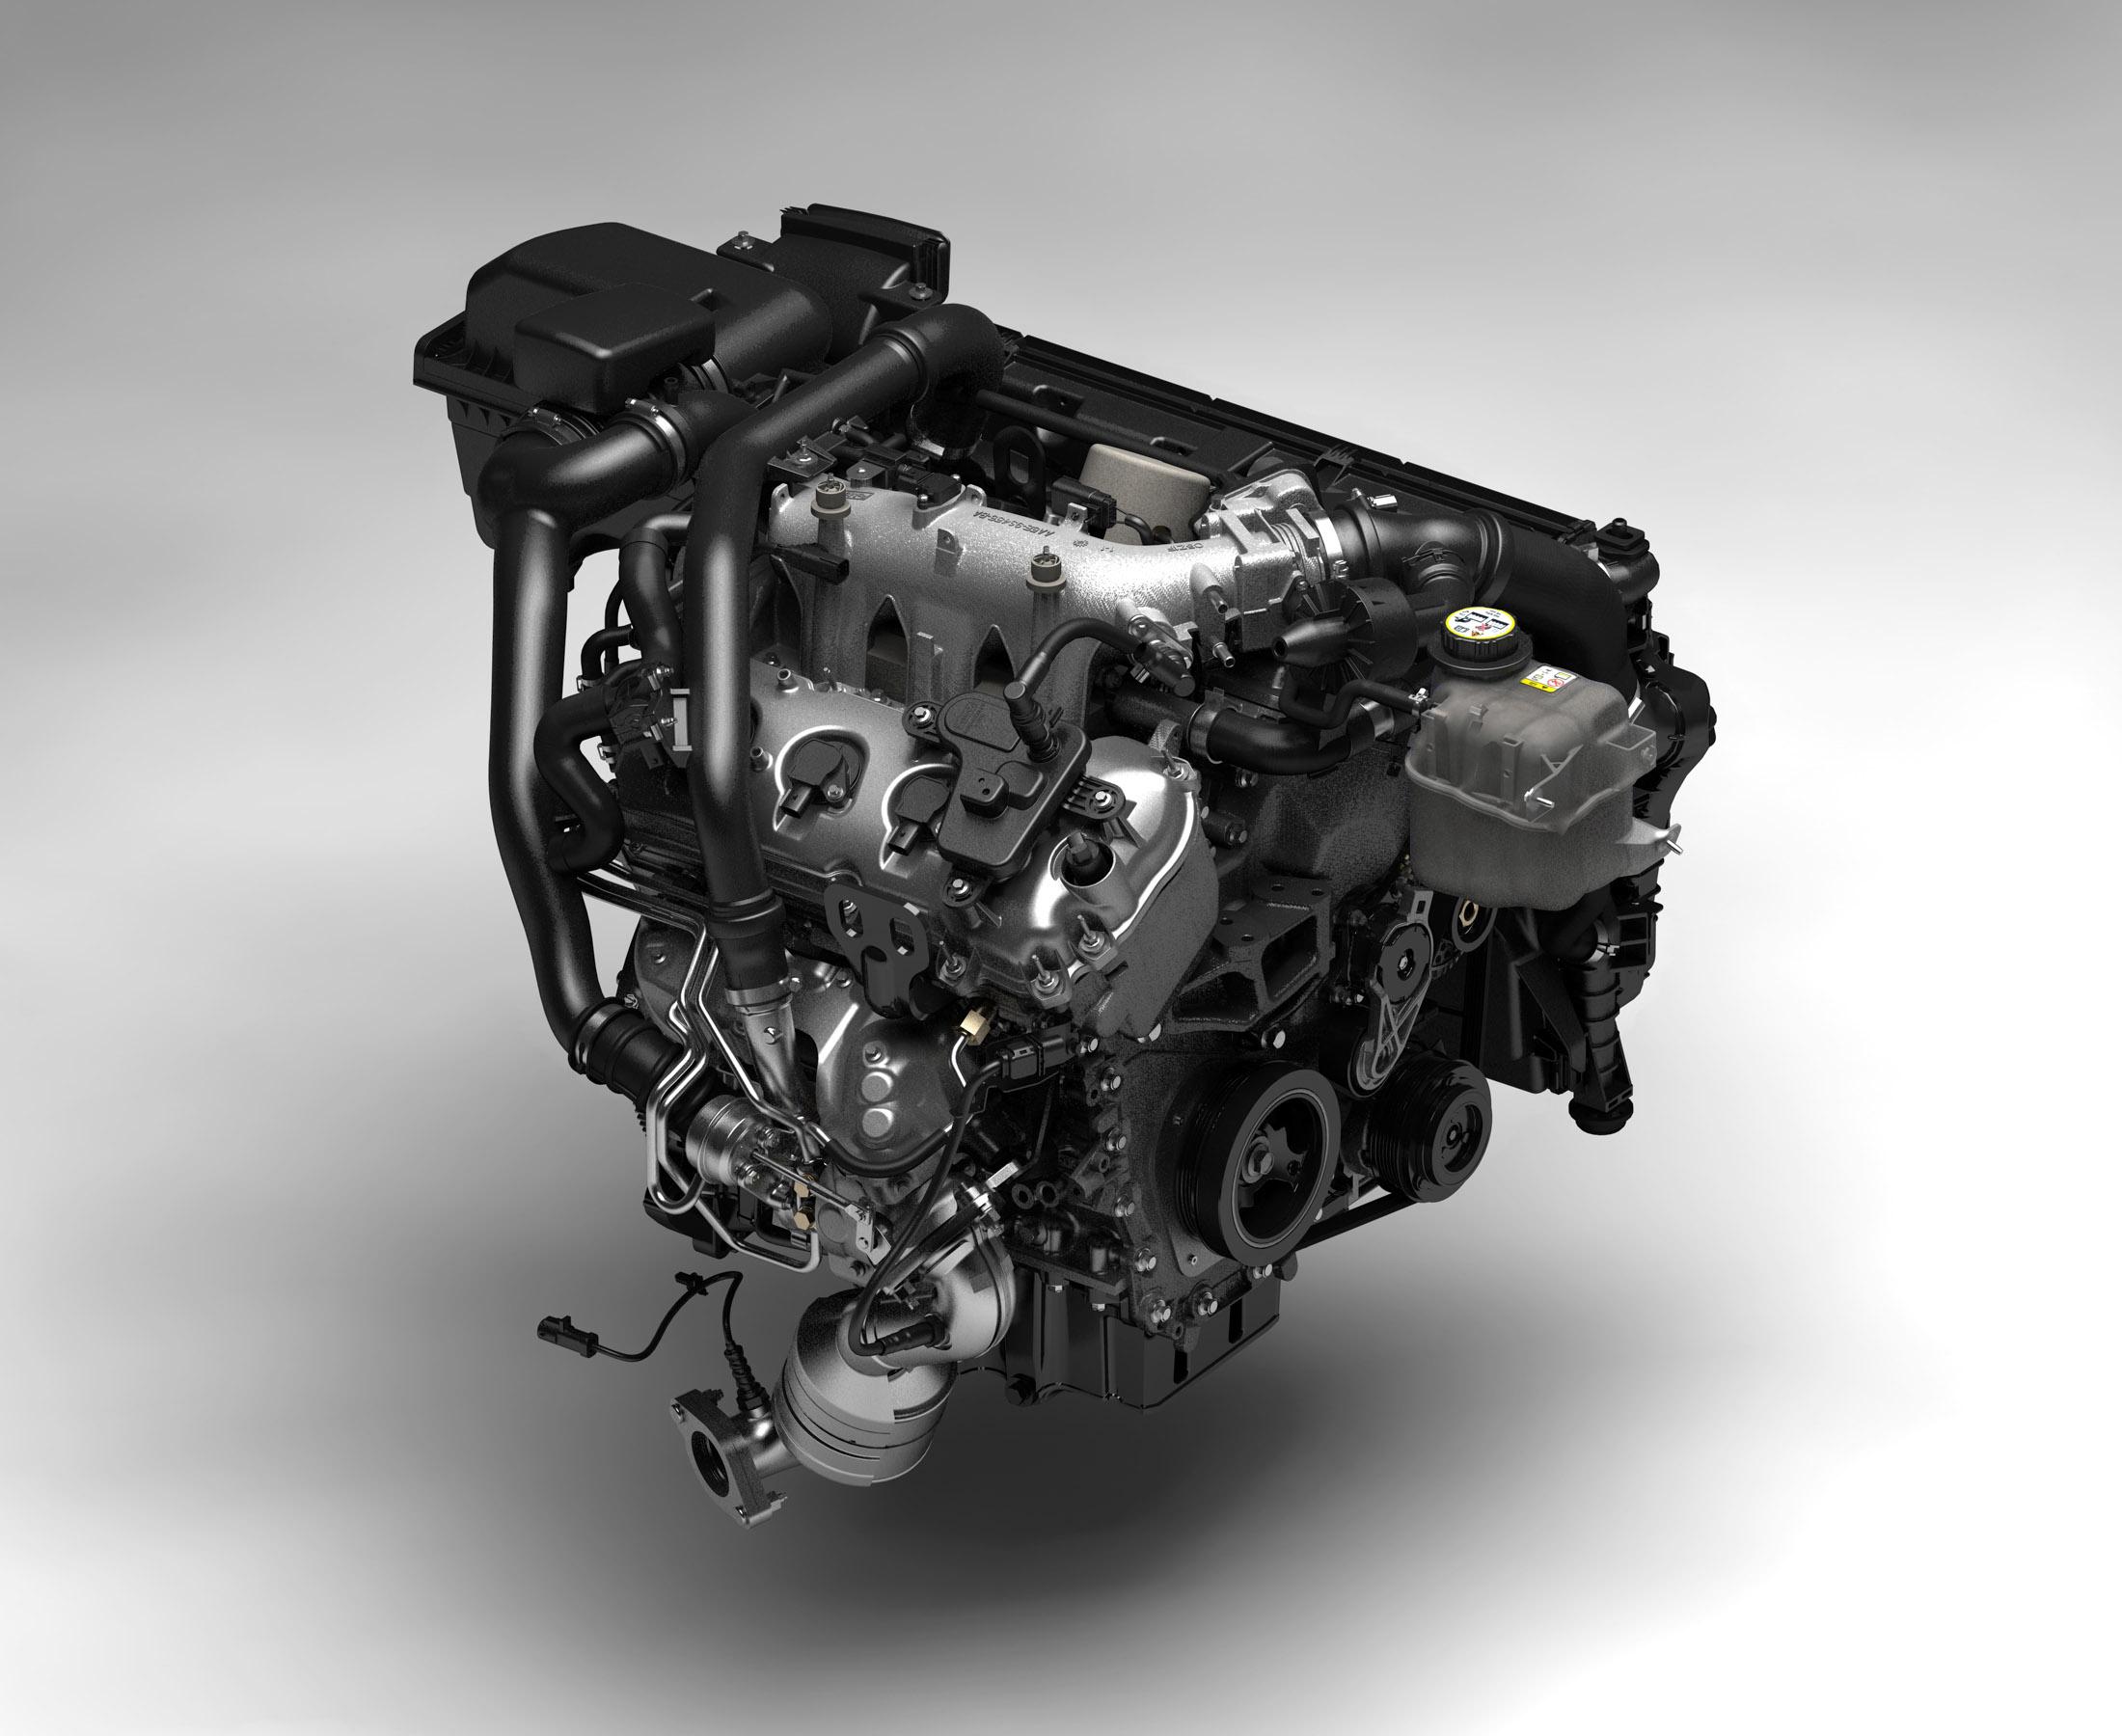 Ford EcoBoost渦輪增壓直噴汽油引擎,可以爆發高達180匹的大馬力,並同時減少20%的整體油耗數字、以及降低15%的CO2二氧化...